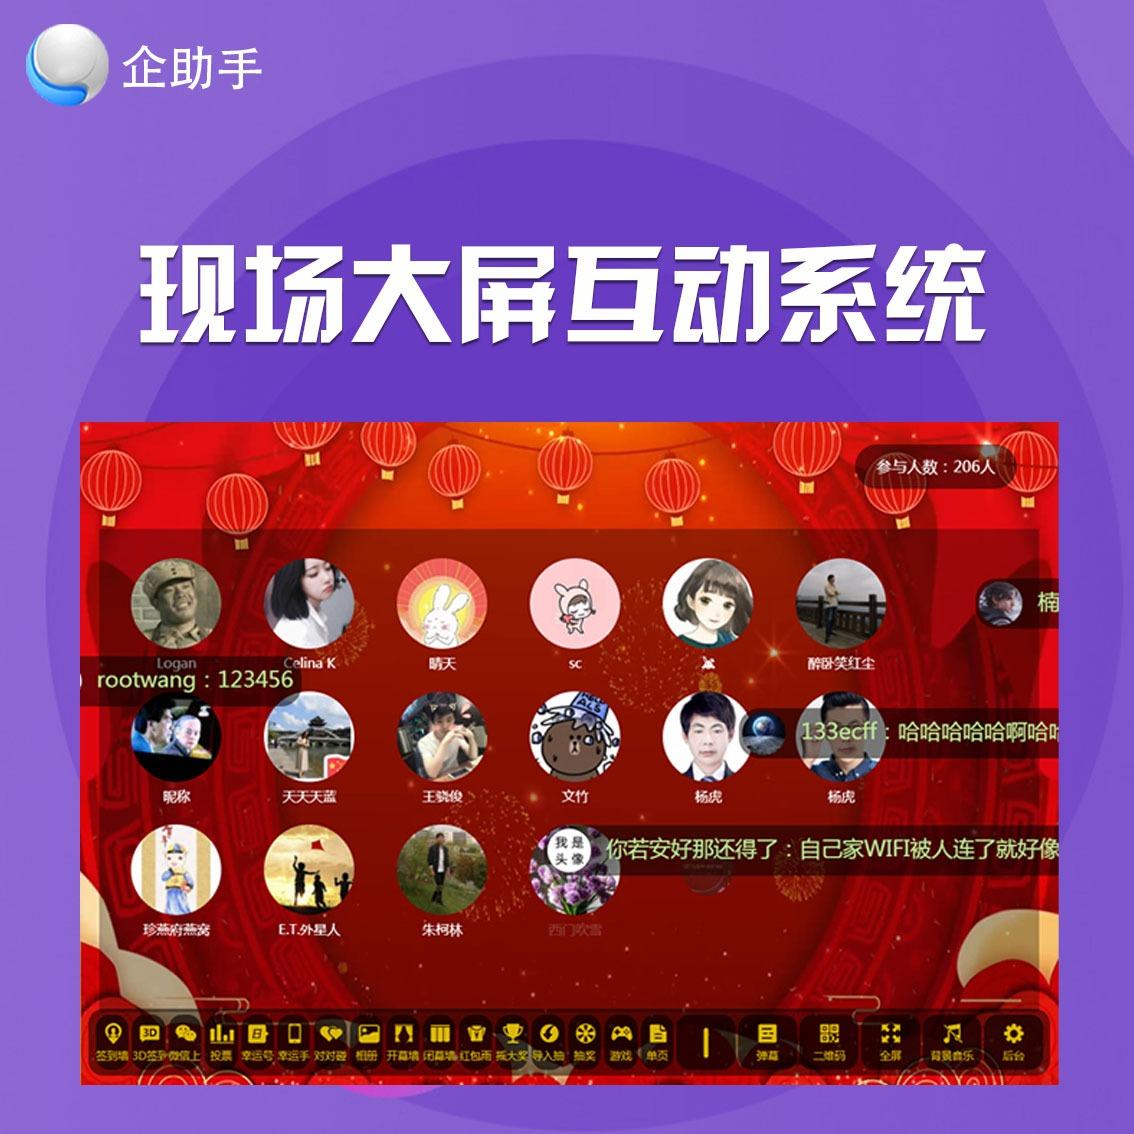 现场大屏互动微现场活动微信墙年会活动大屏幕互动游戏抽奖系统